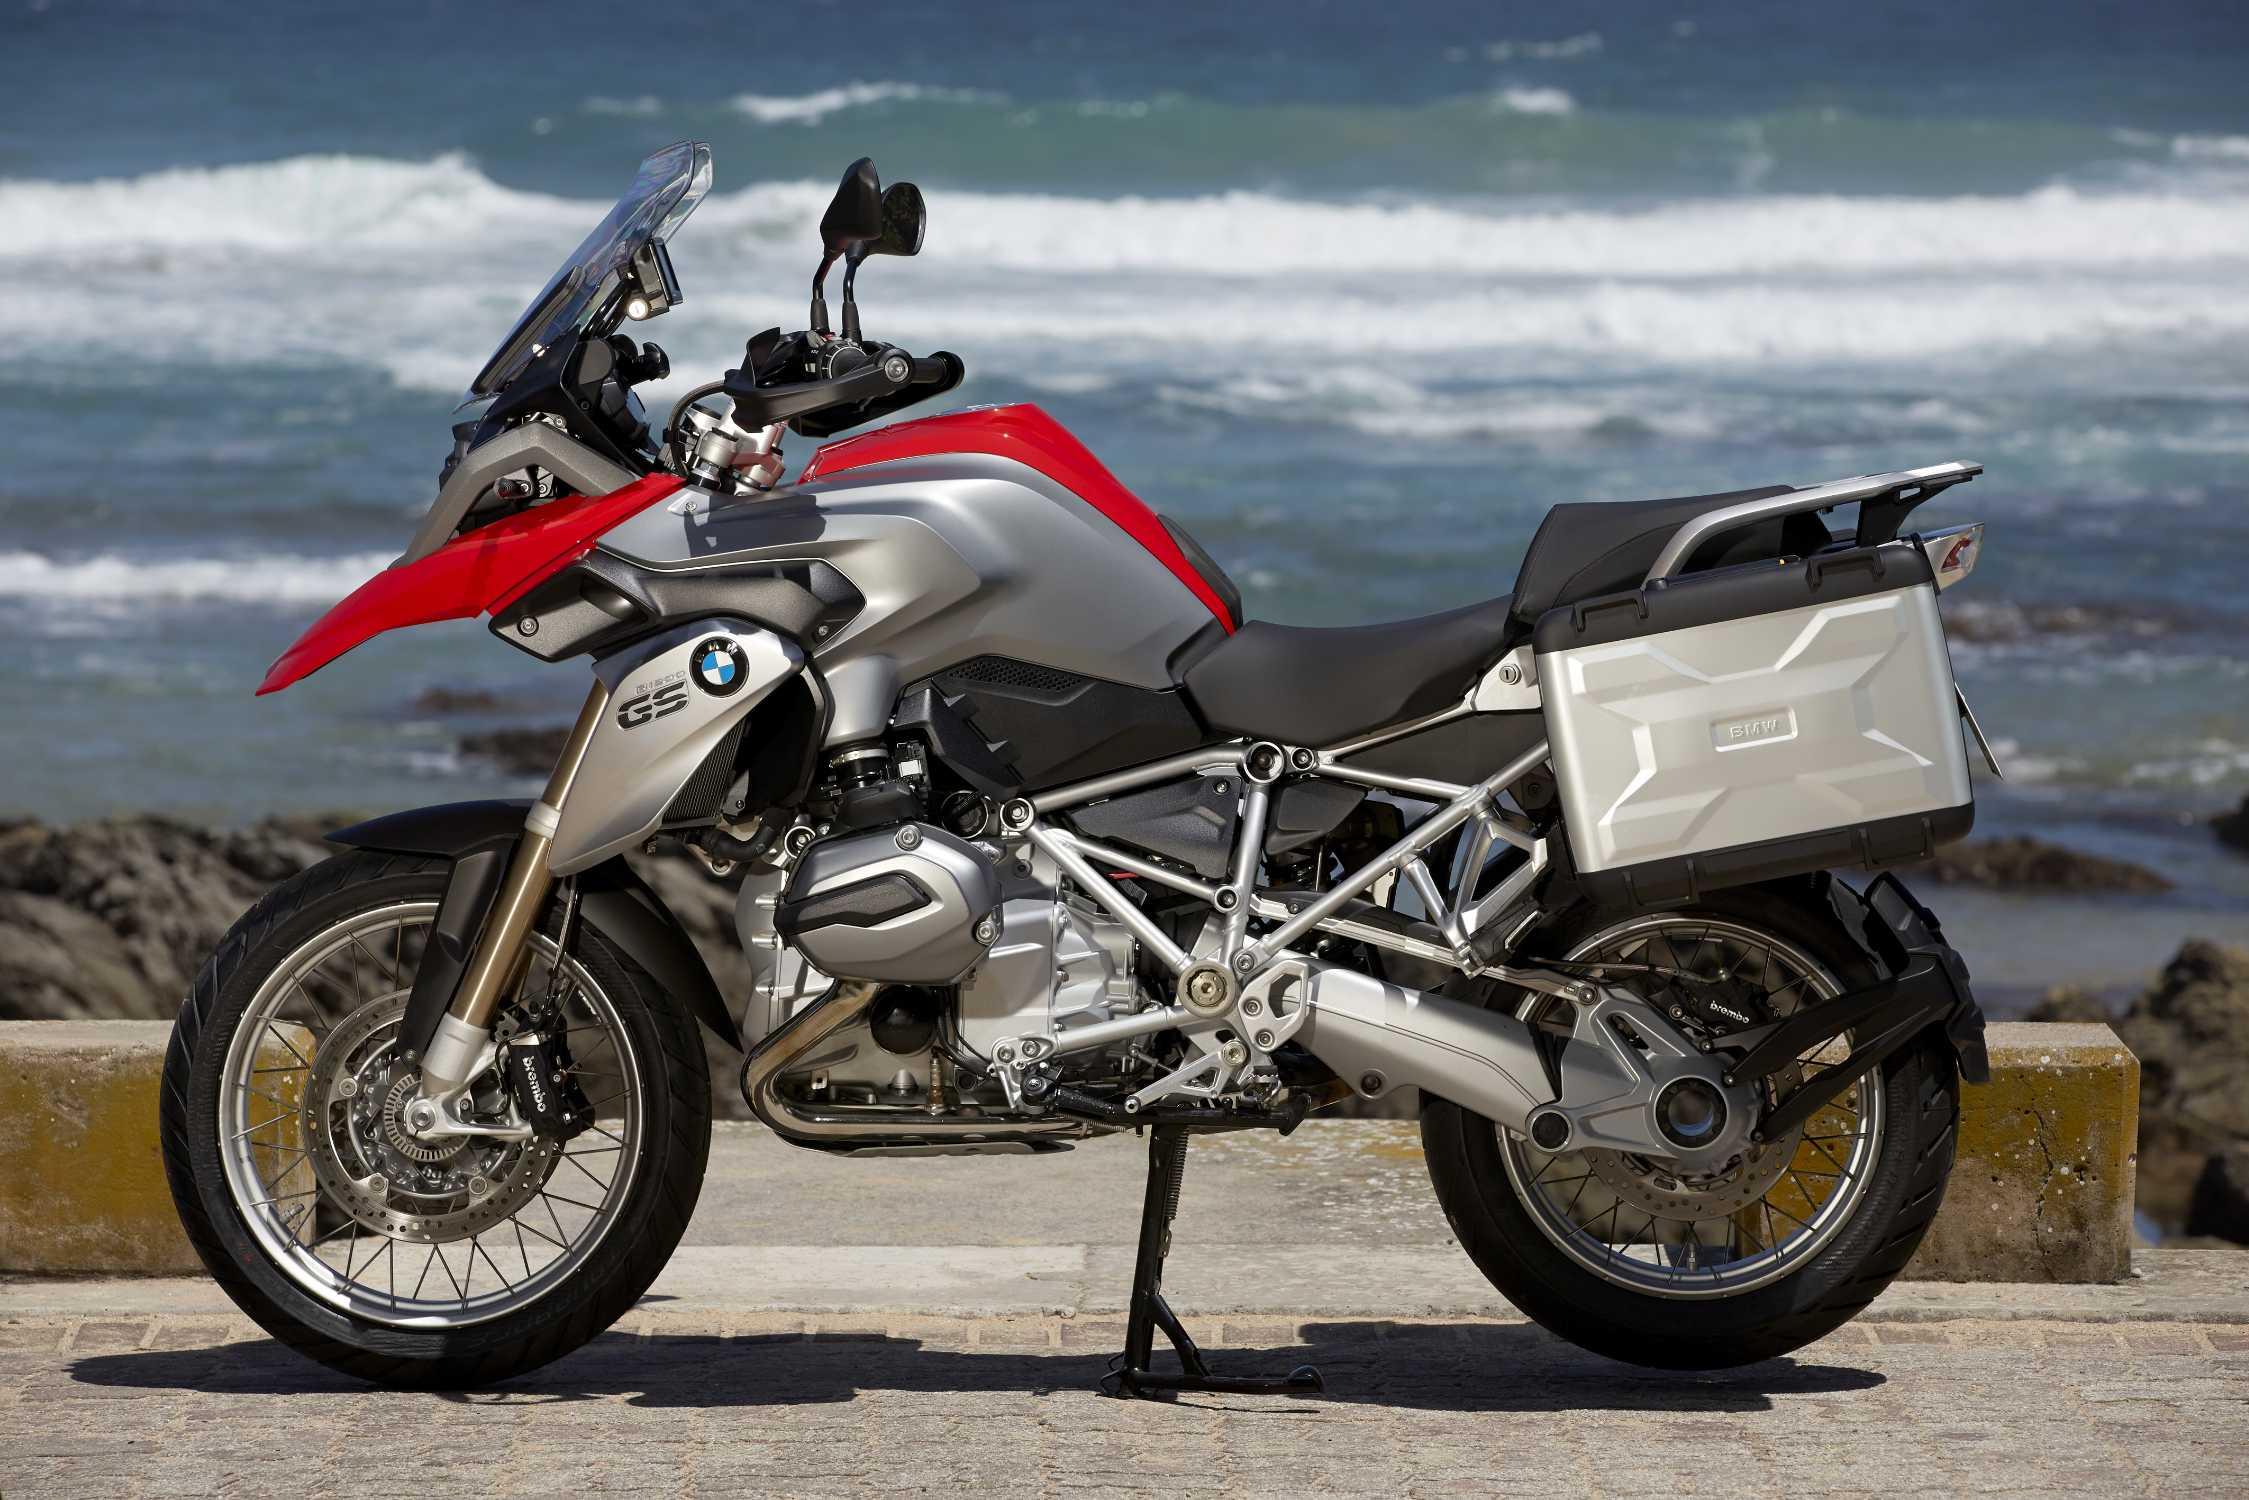 Мотоцикл BMW R 1200 GS - Avto-Russia.ru